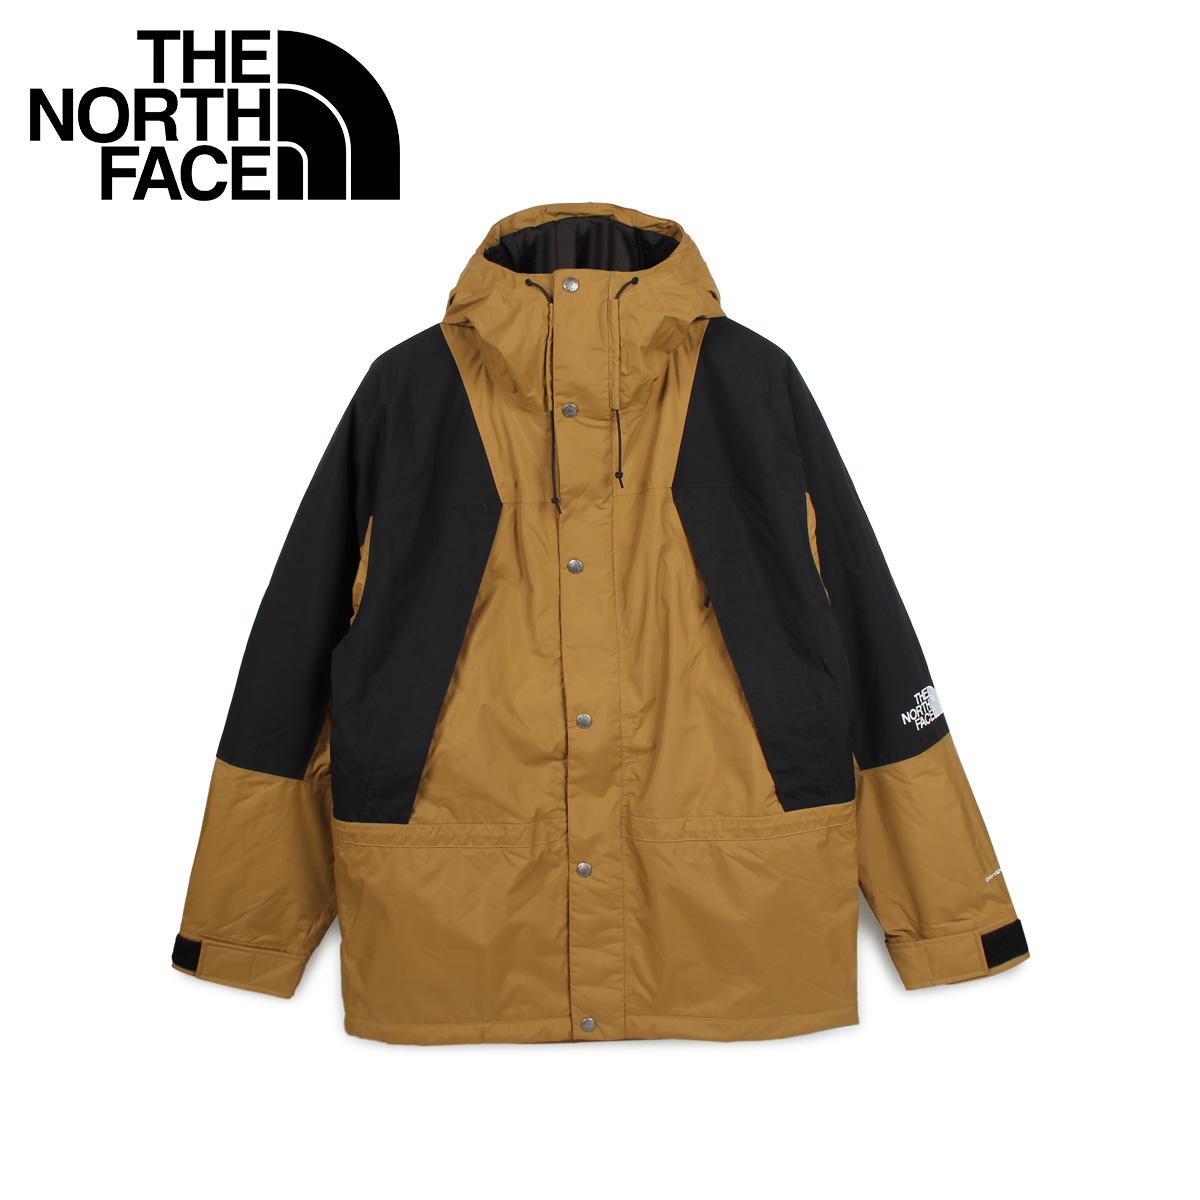 THE NORTH FACE ノースフェイス ジャケット マウンテンジャケット メンズ MENS MOUNTAIN LIGHT DRYVENT INSULATED JACKET カーキ T93XY5